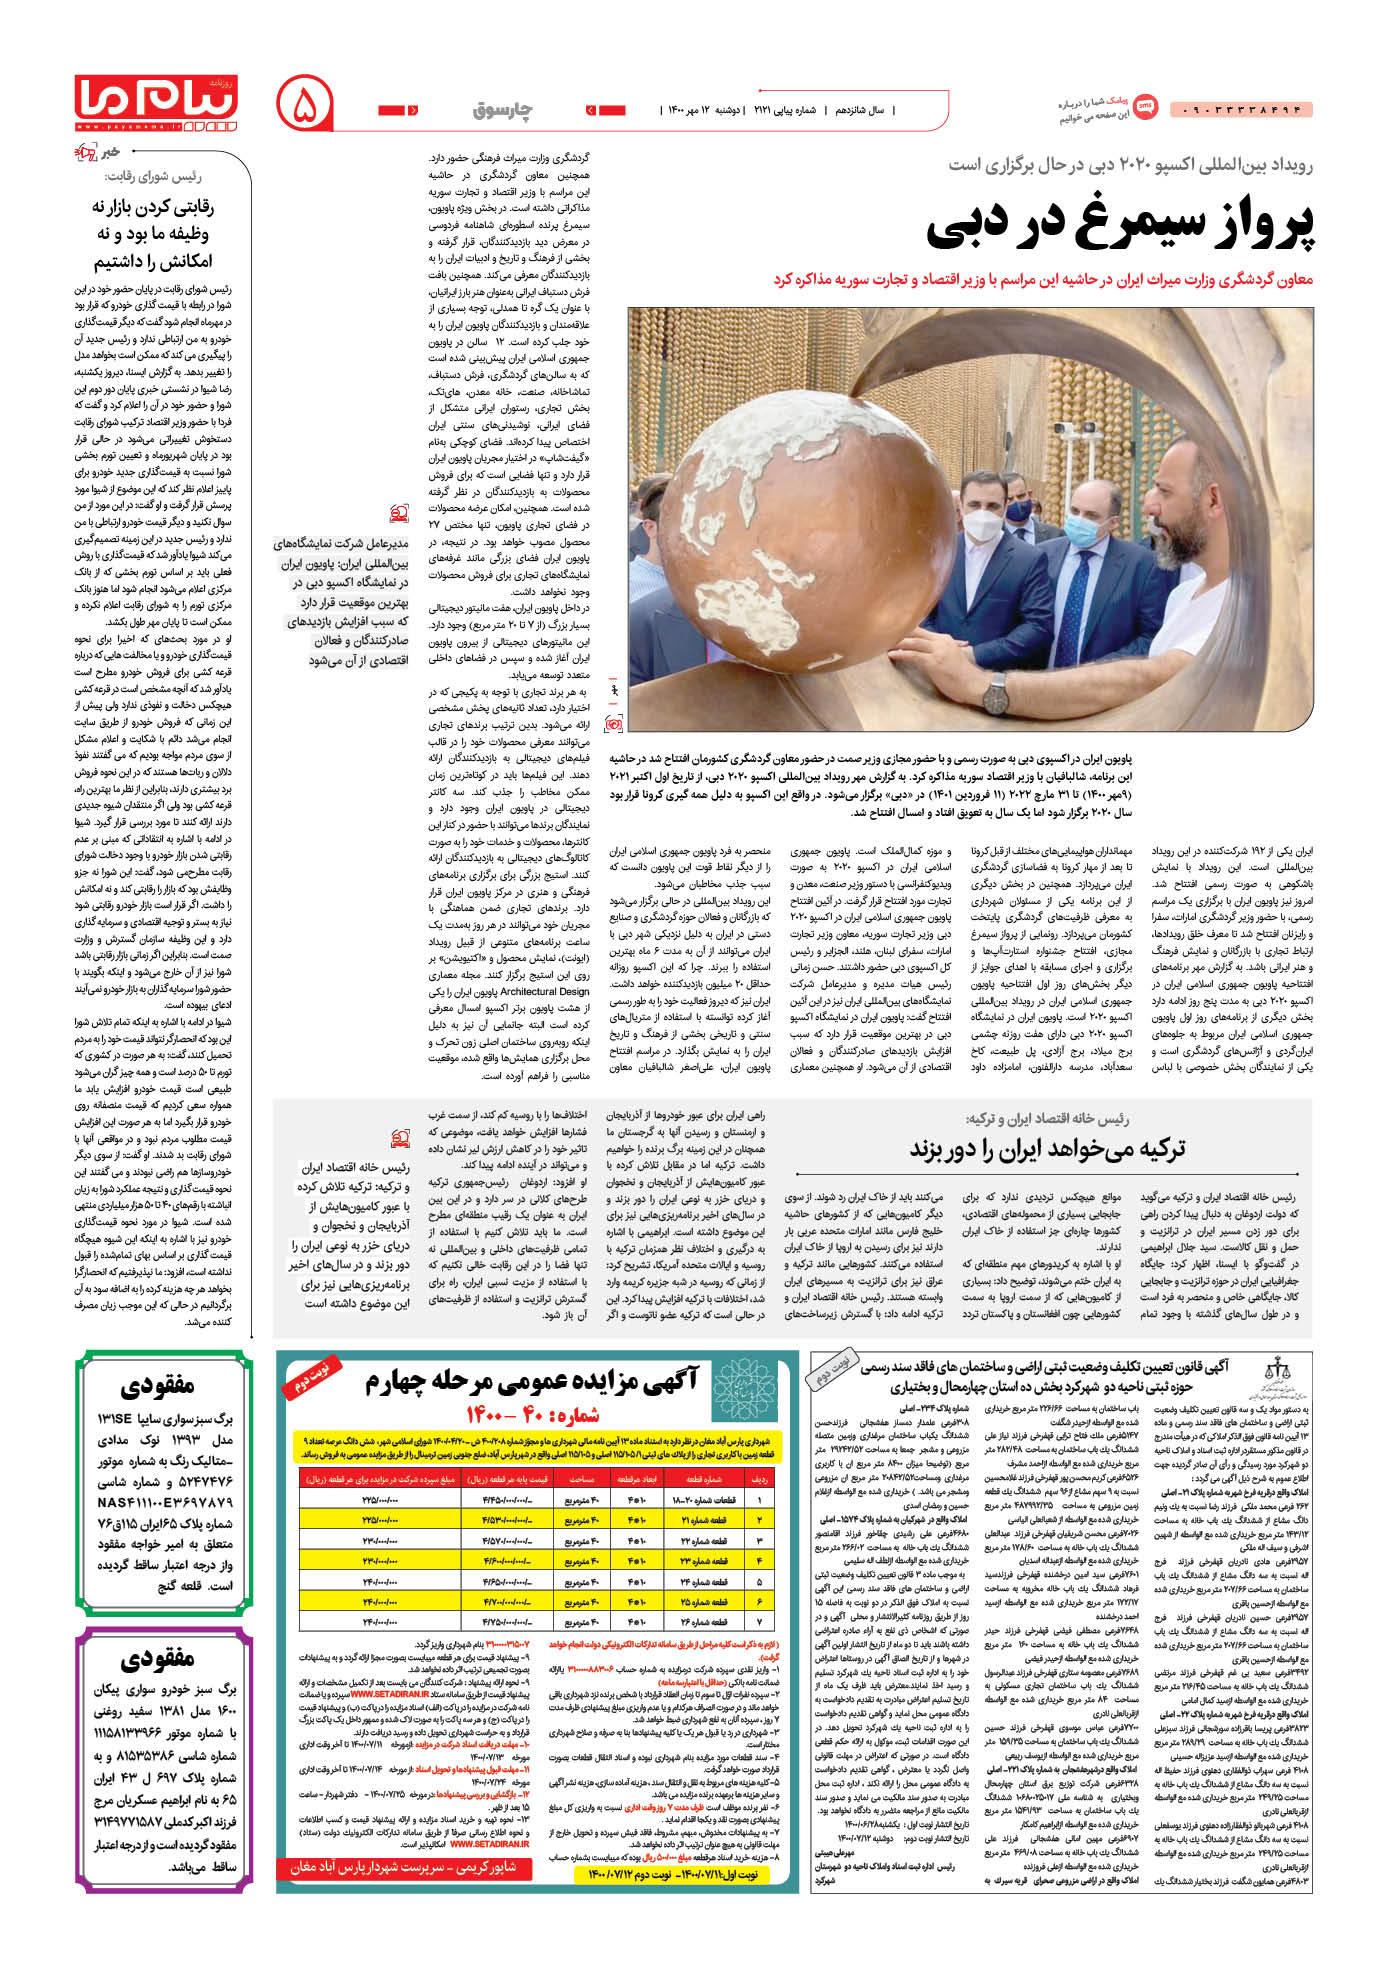 صفحه چارسوق شماره 2121 روزنامه پیام ما